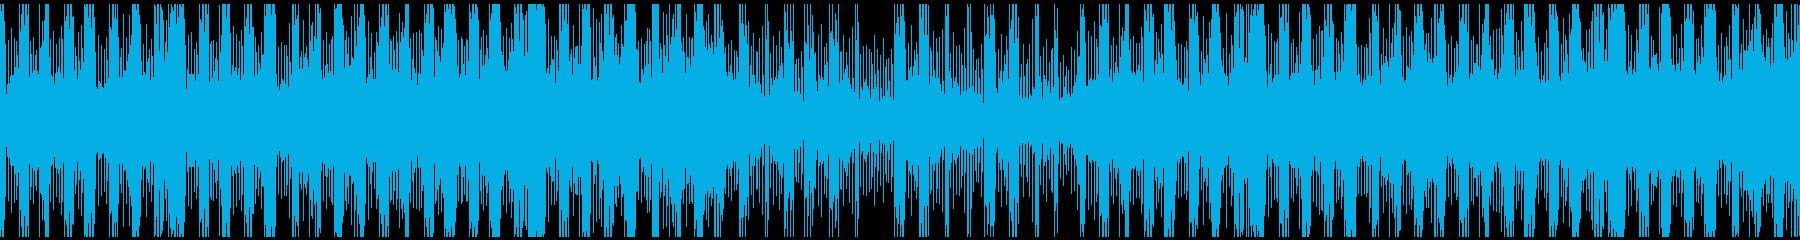 疑惑(疑い)捜索のシリアス(Loop版)の再生済みの波形